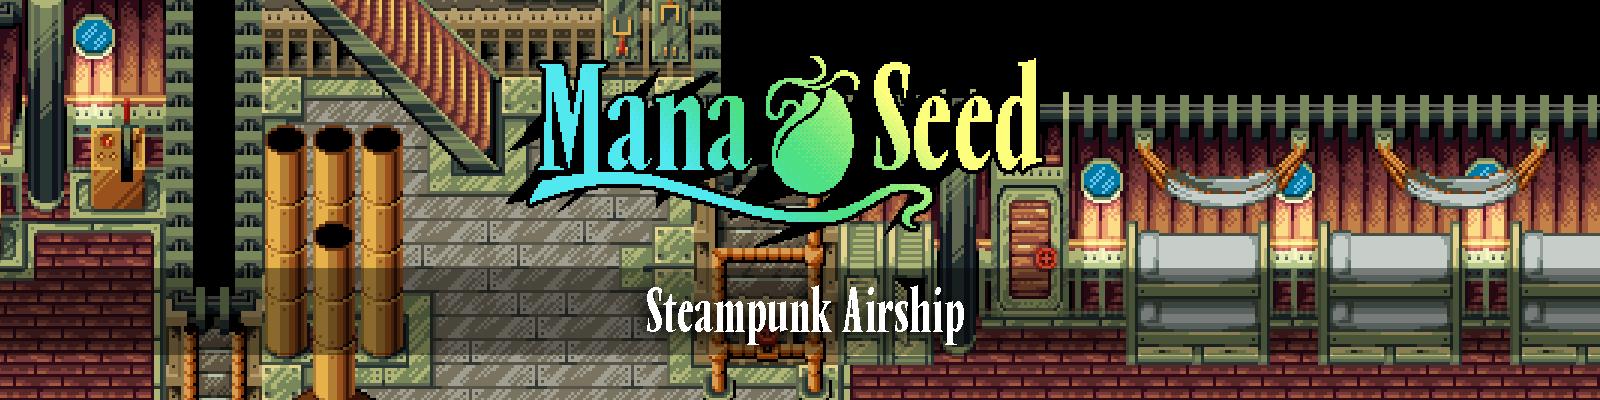 Tileset - Steampunk Airship